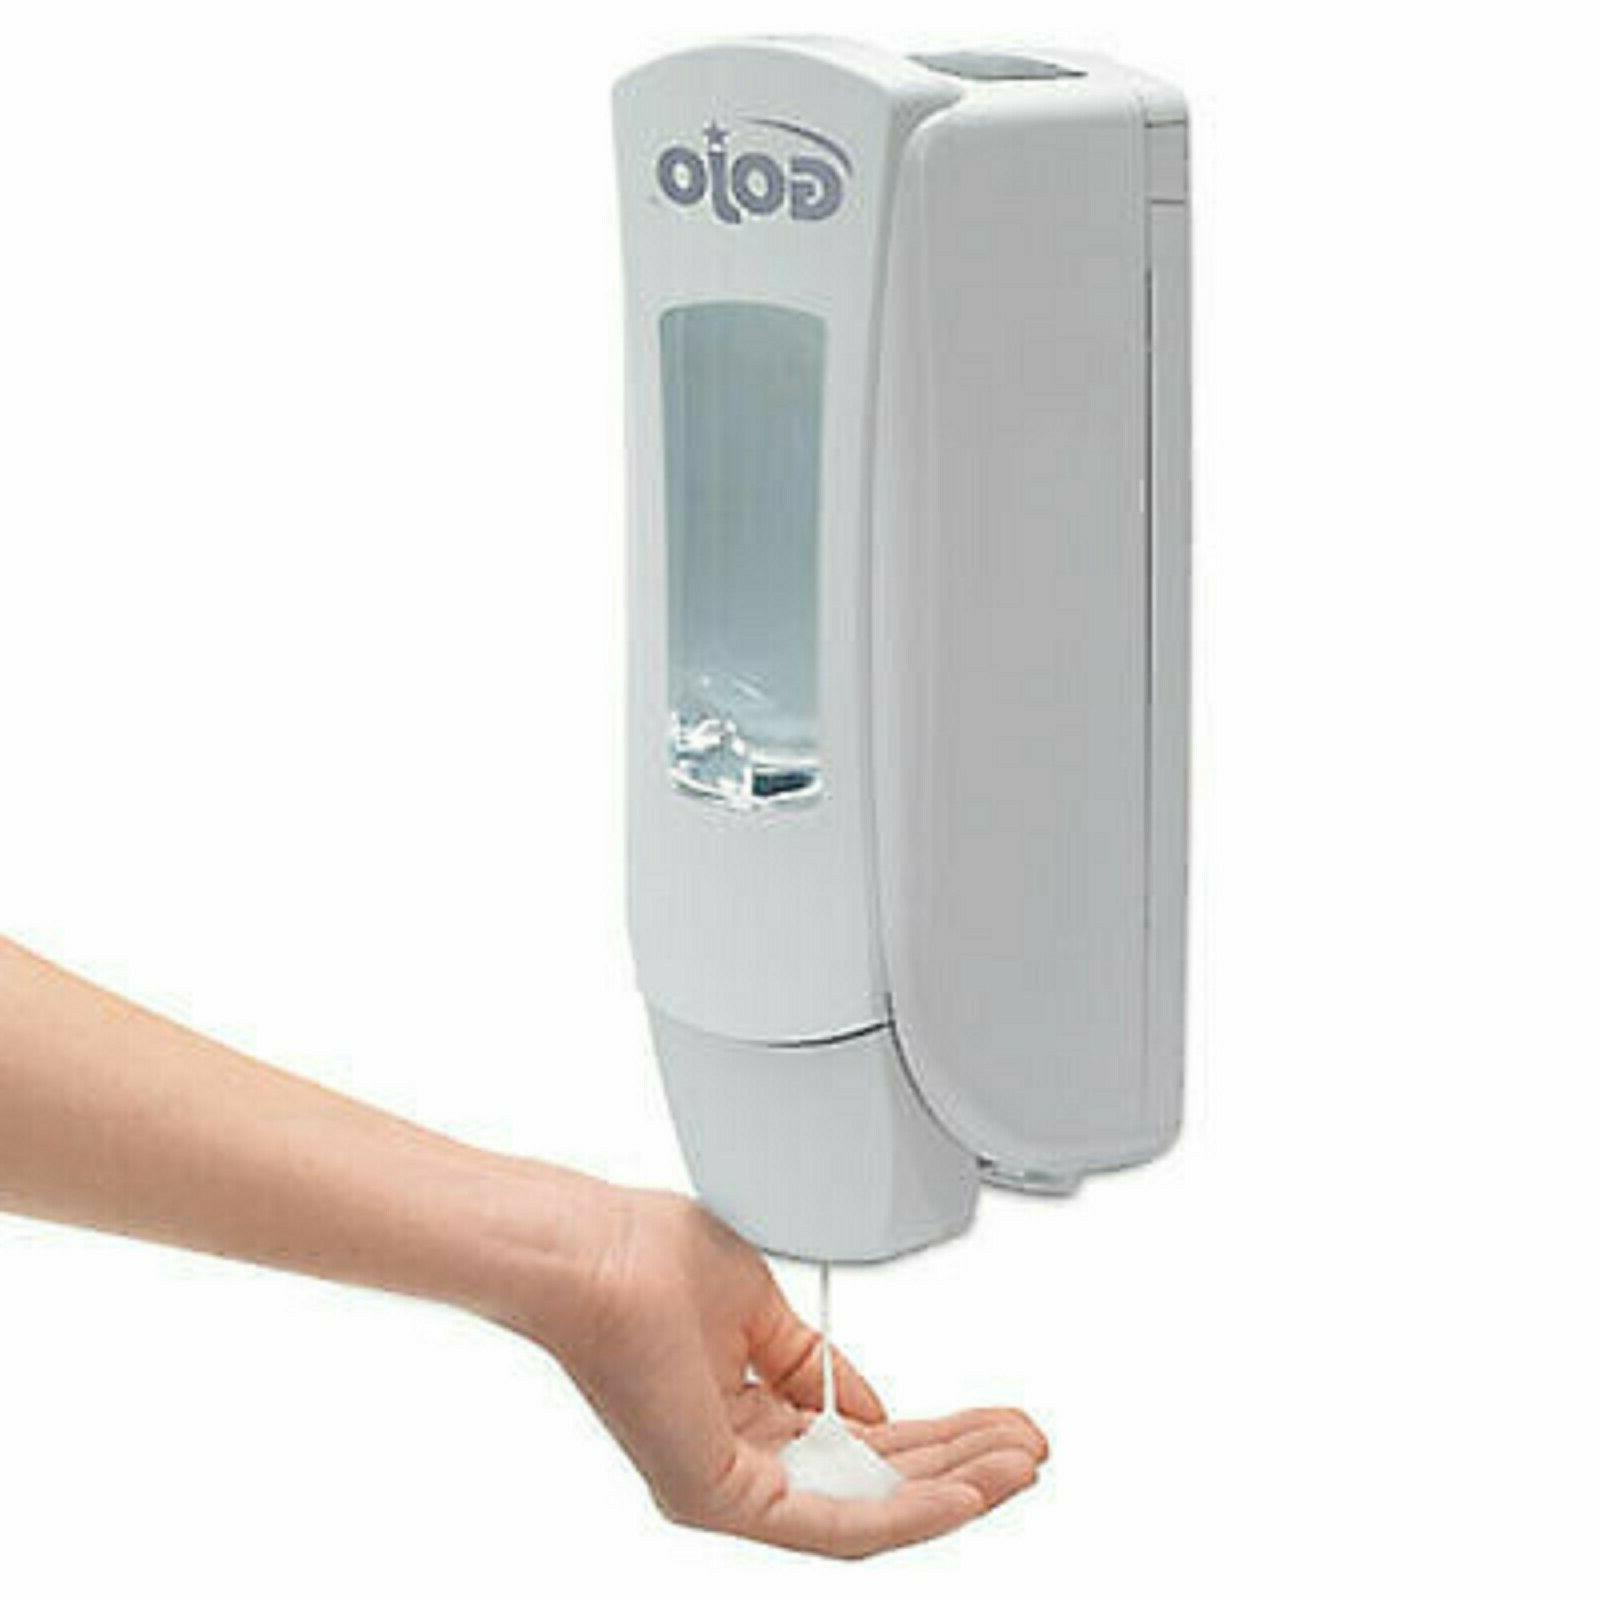 GOJO ADX-12 Manual Soap Dispenser -GOJ888006CT